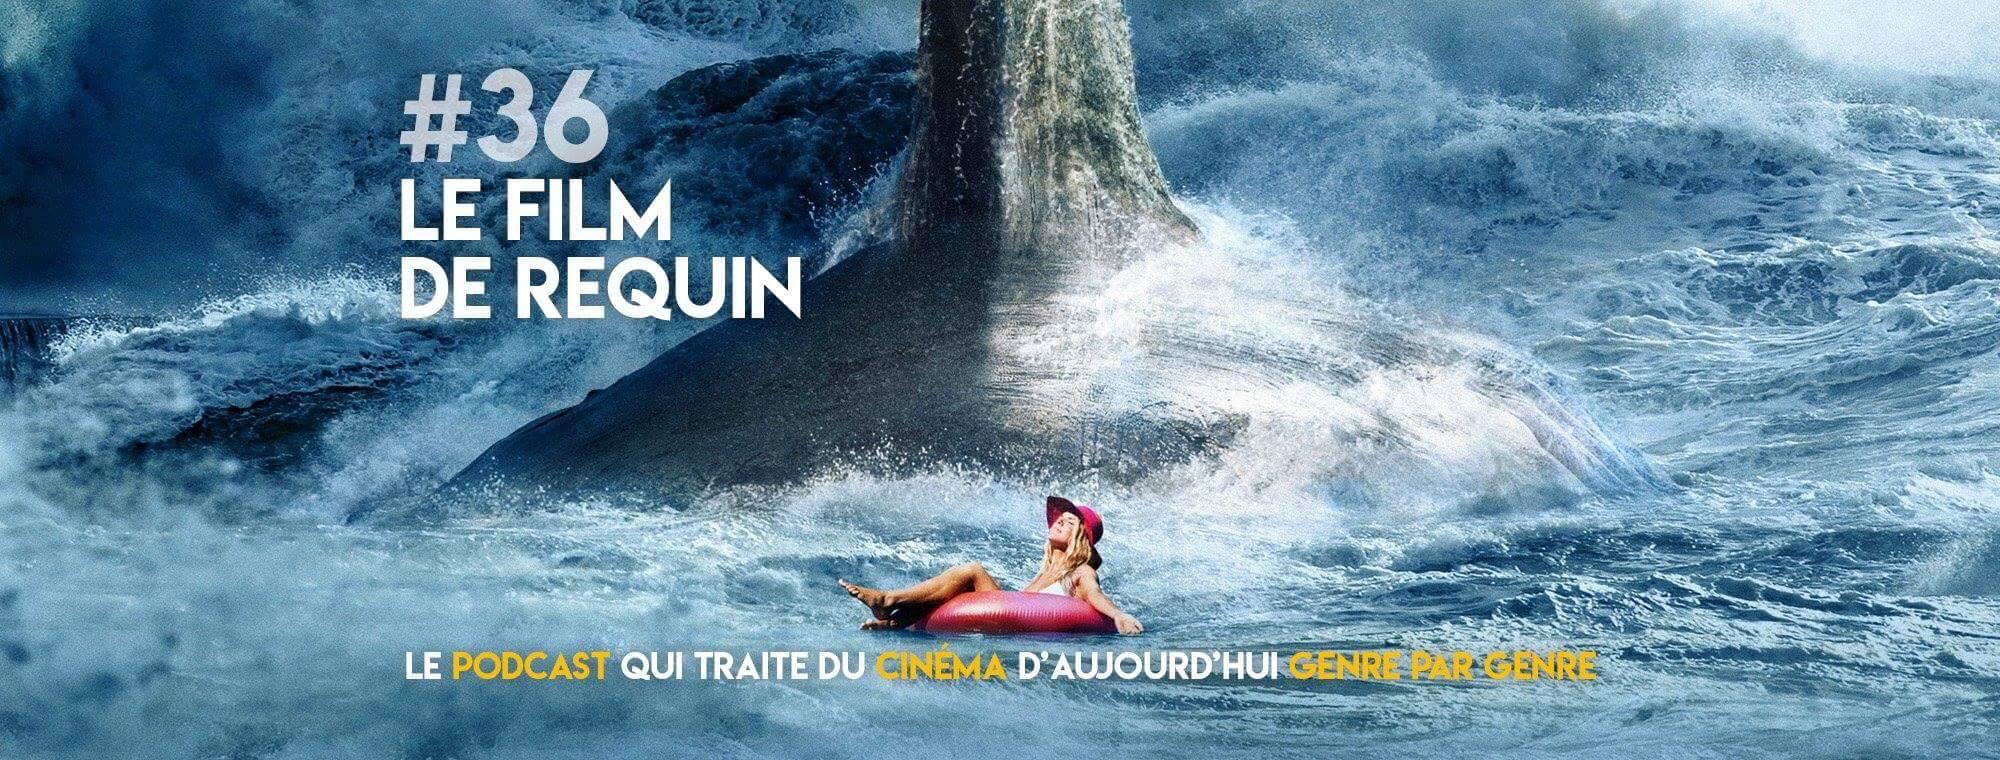 Parlons Péloches - #36 Le film de requin